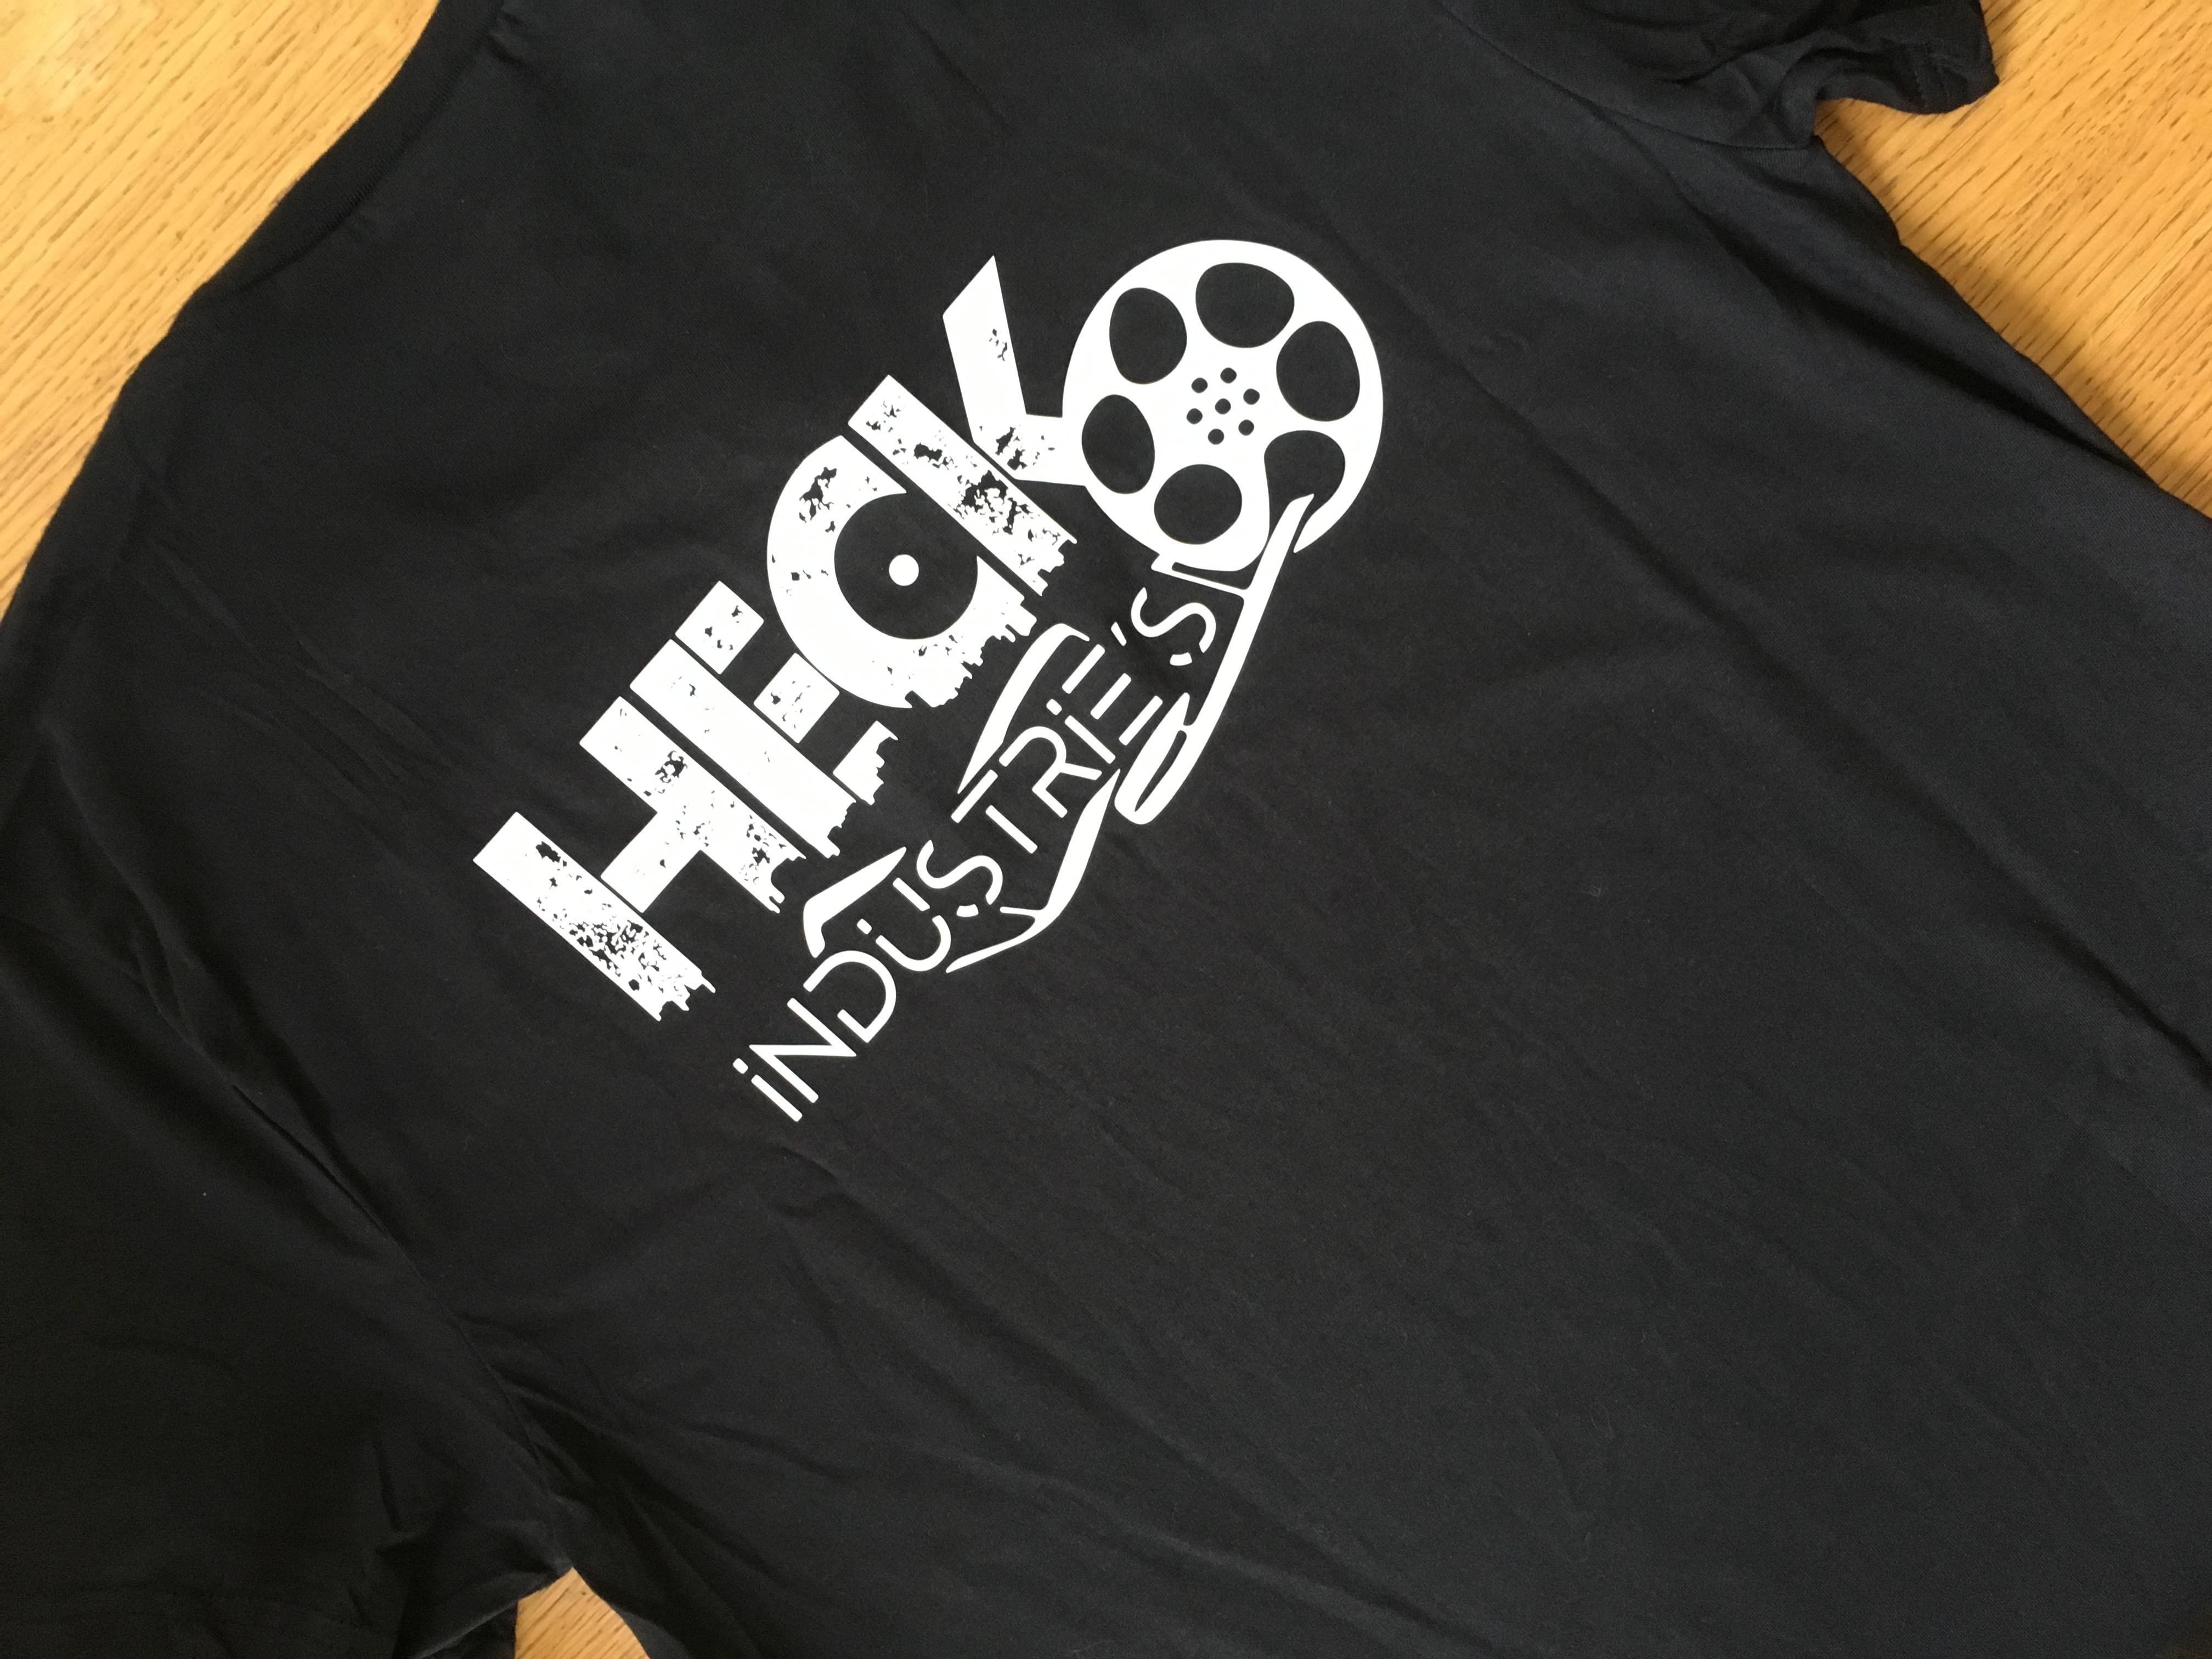 Tee-shirt personnalisé - flocage